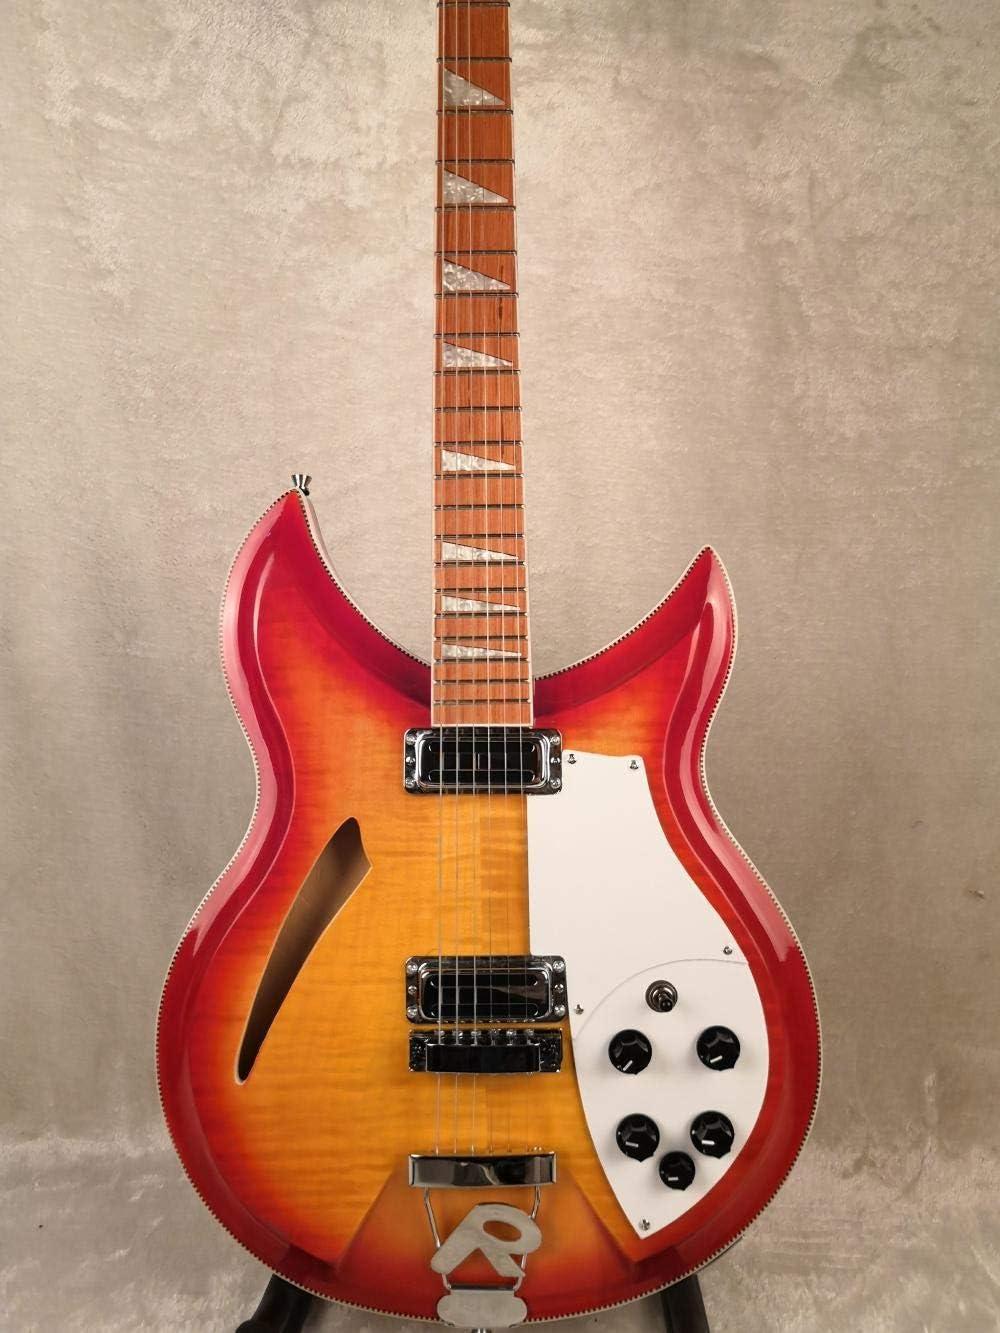 LYNLYN Guitarras Guitarra eléctrica 12/6 Cuerda Guitarra acústica acústica Guitarras Guitarra Cuerdas de Guitarra Acero acústico Guitarra eléctrica (Color : 6 String, Size : 39 Inches)